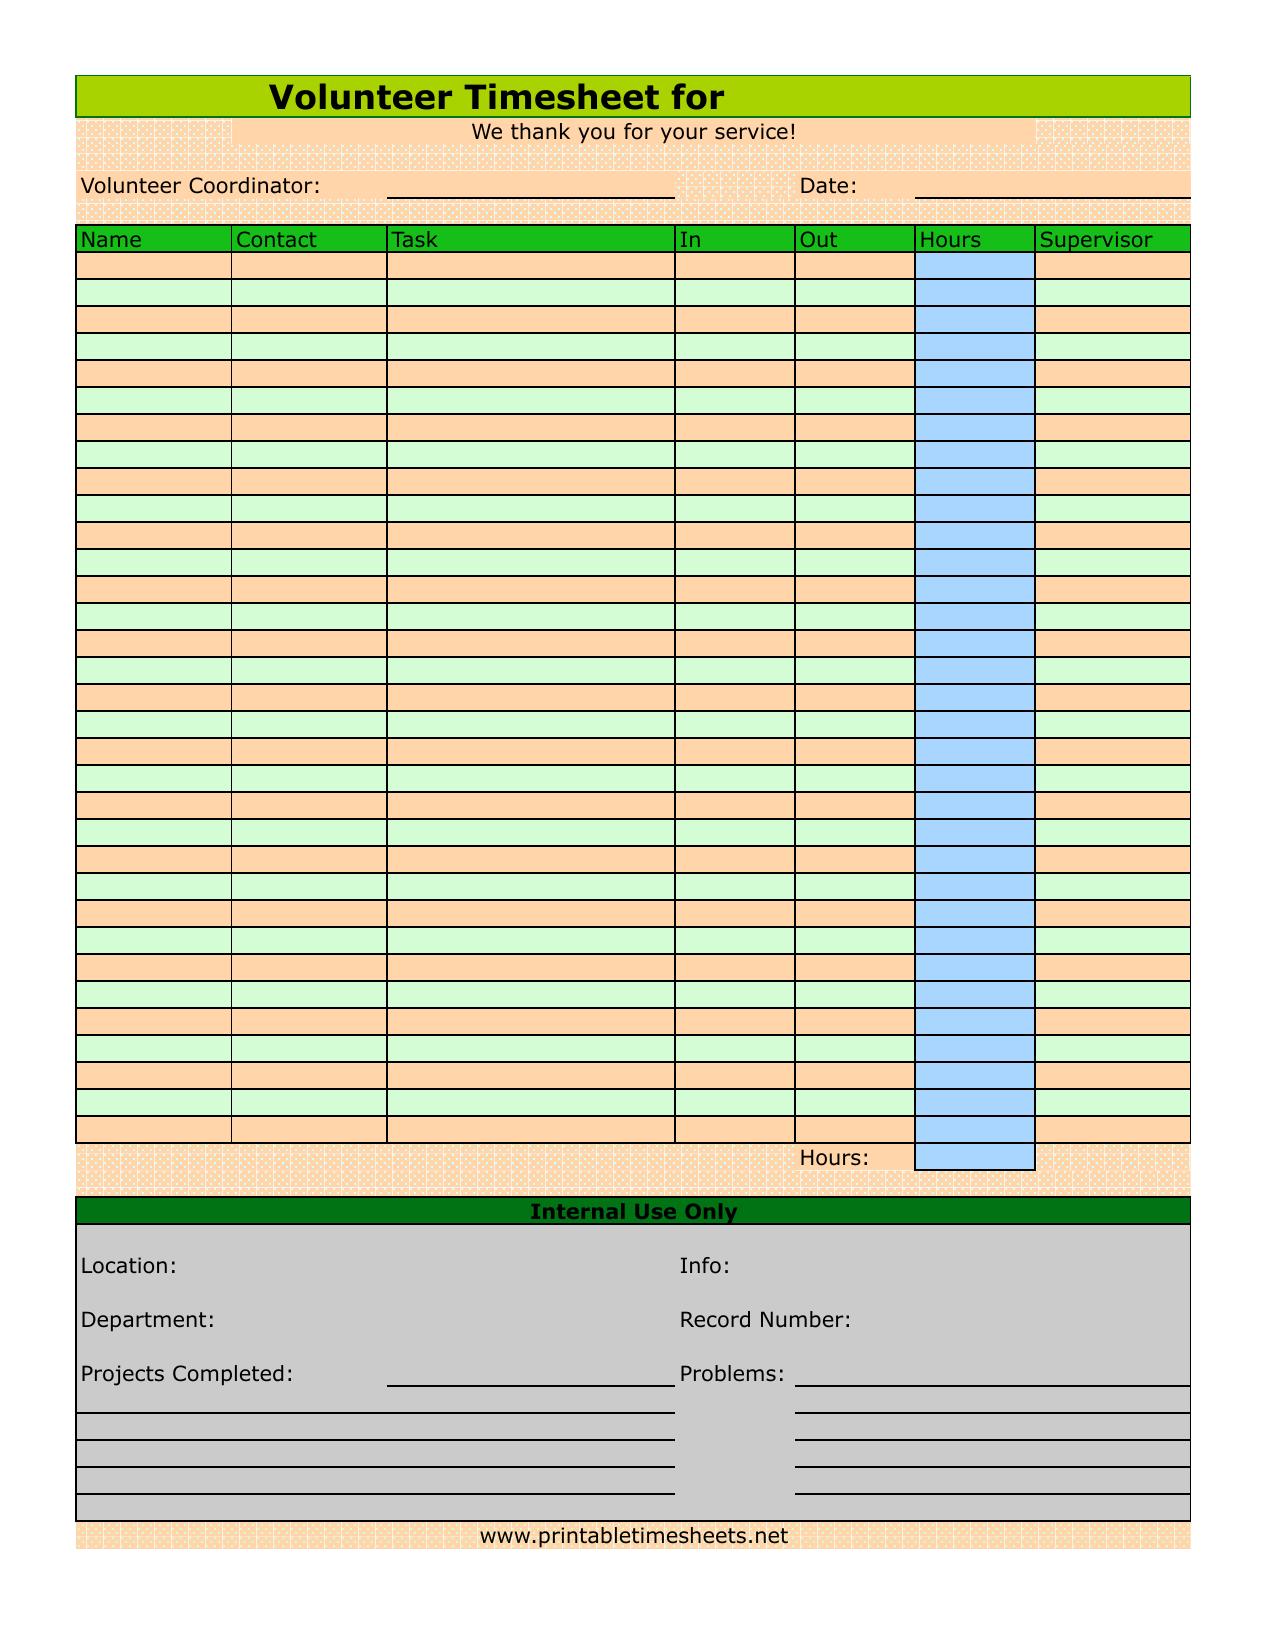 Download Volunteer Timesheet Template | Excel | PDF | RTF | Word ...